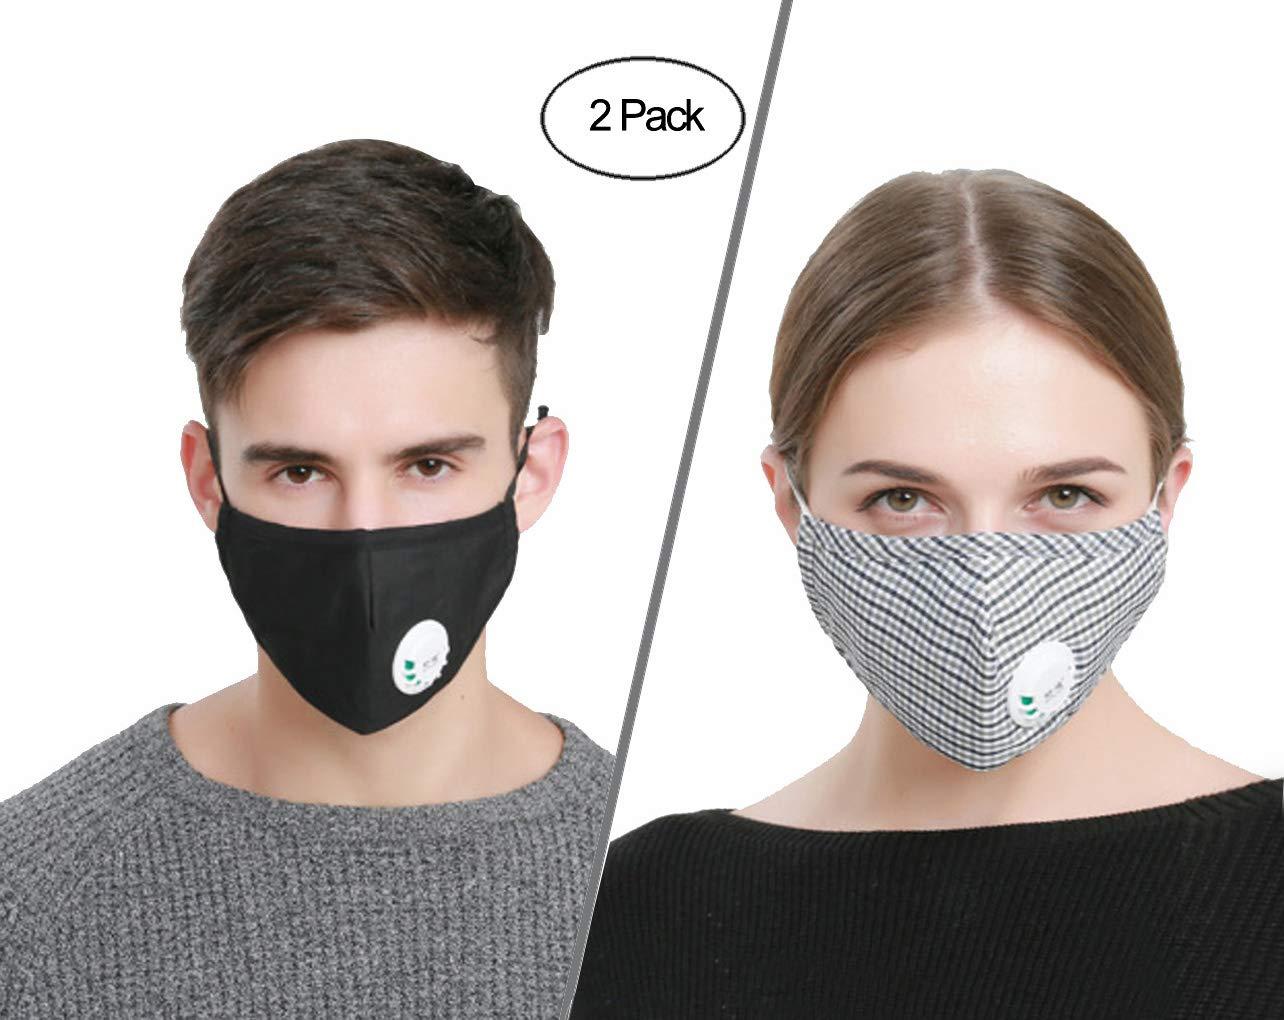 ACCOCO - Máscara anticontaminación con correas ajustables, antipolvo reutilizable, antiácaros, antibacteriano y con filtro de carbón activado (2 máscaras + 4 filtros)